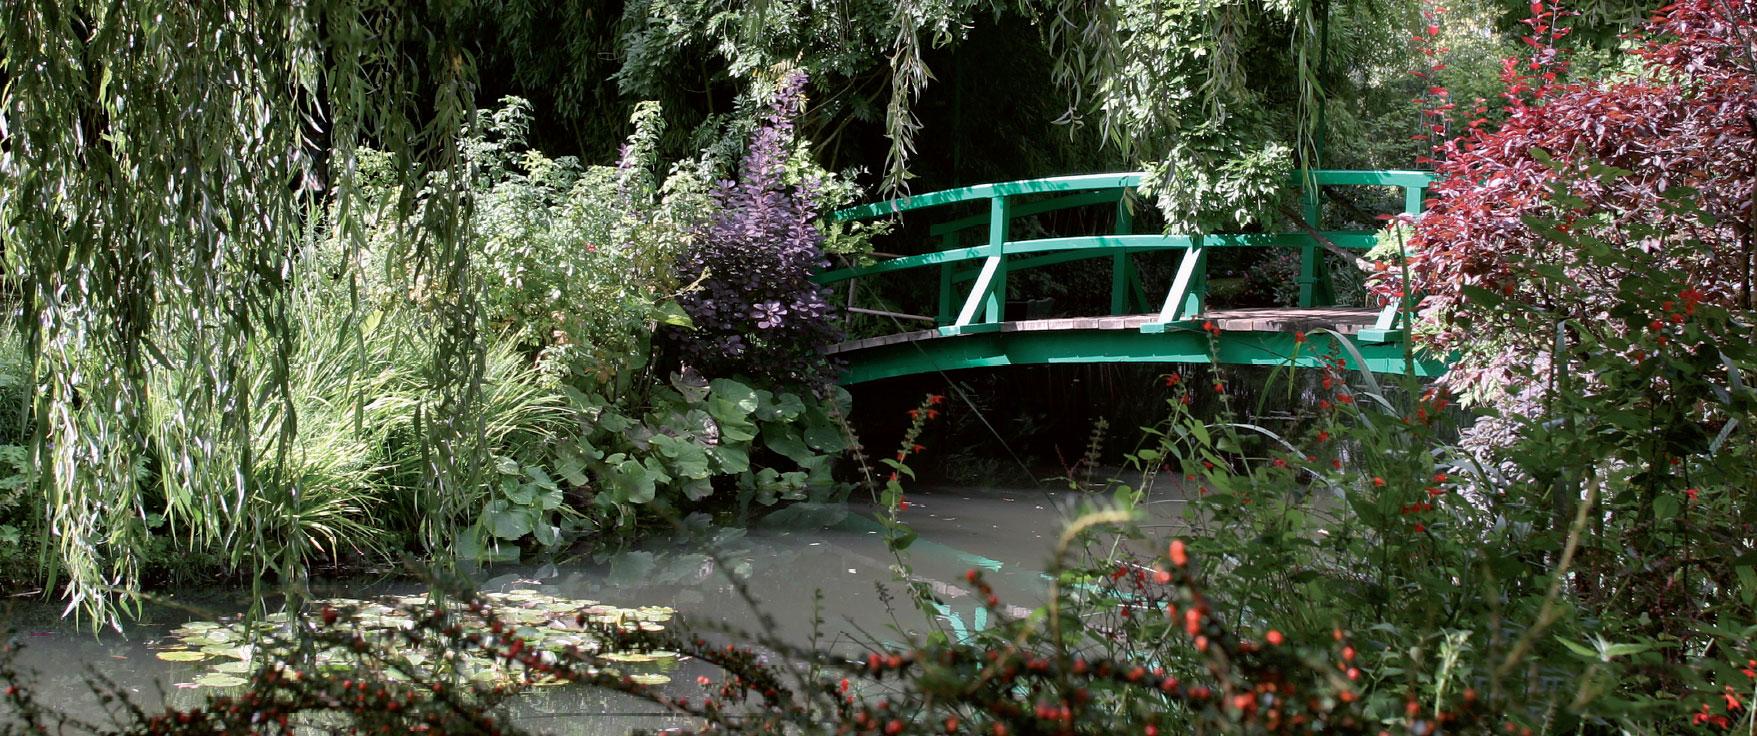 Monet'n aikana lammen rannat olivat paljaat, mutta nyt kasvit estävät kävijöitä tallaamasta penkereitä.